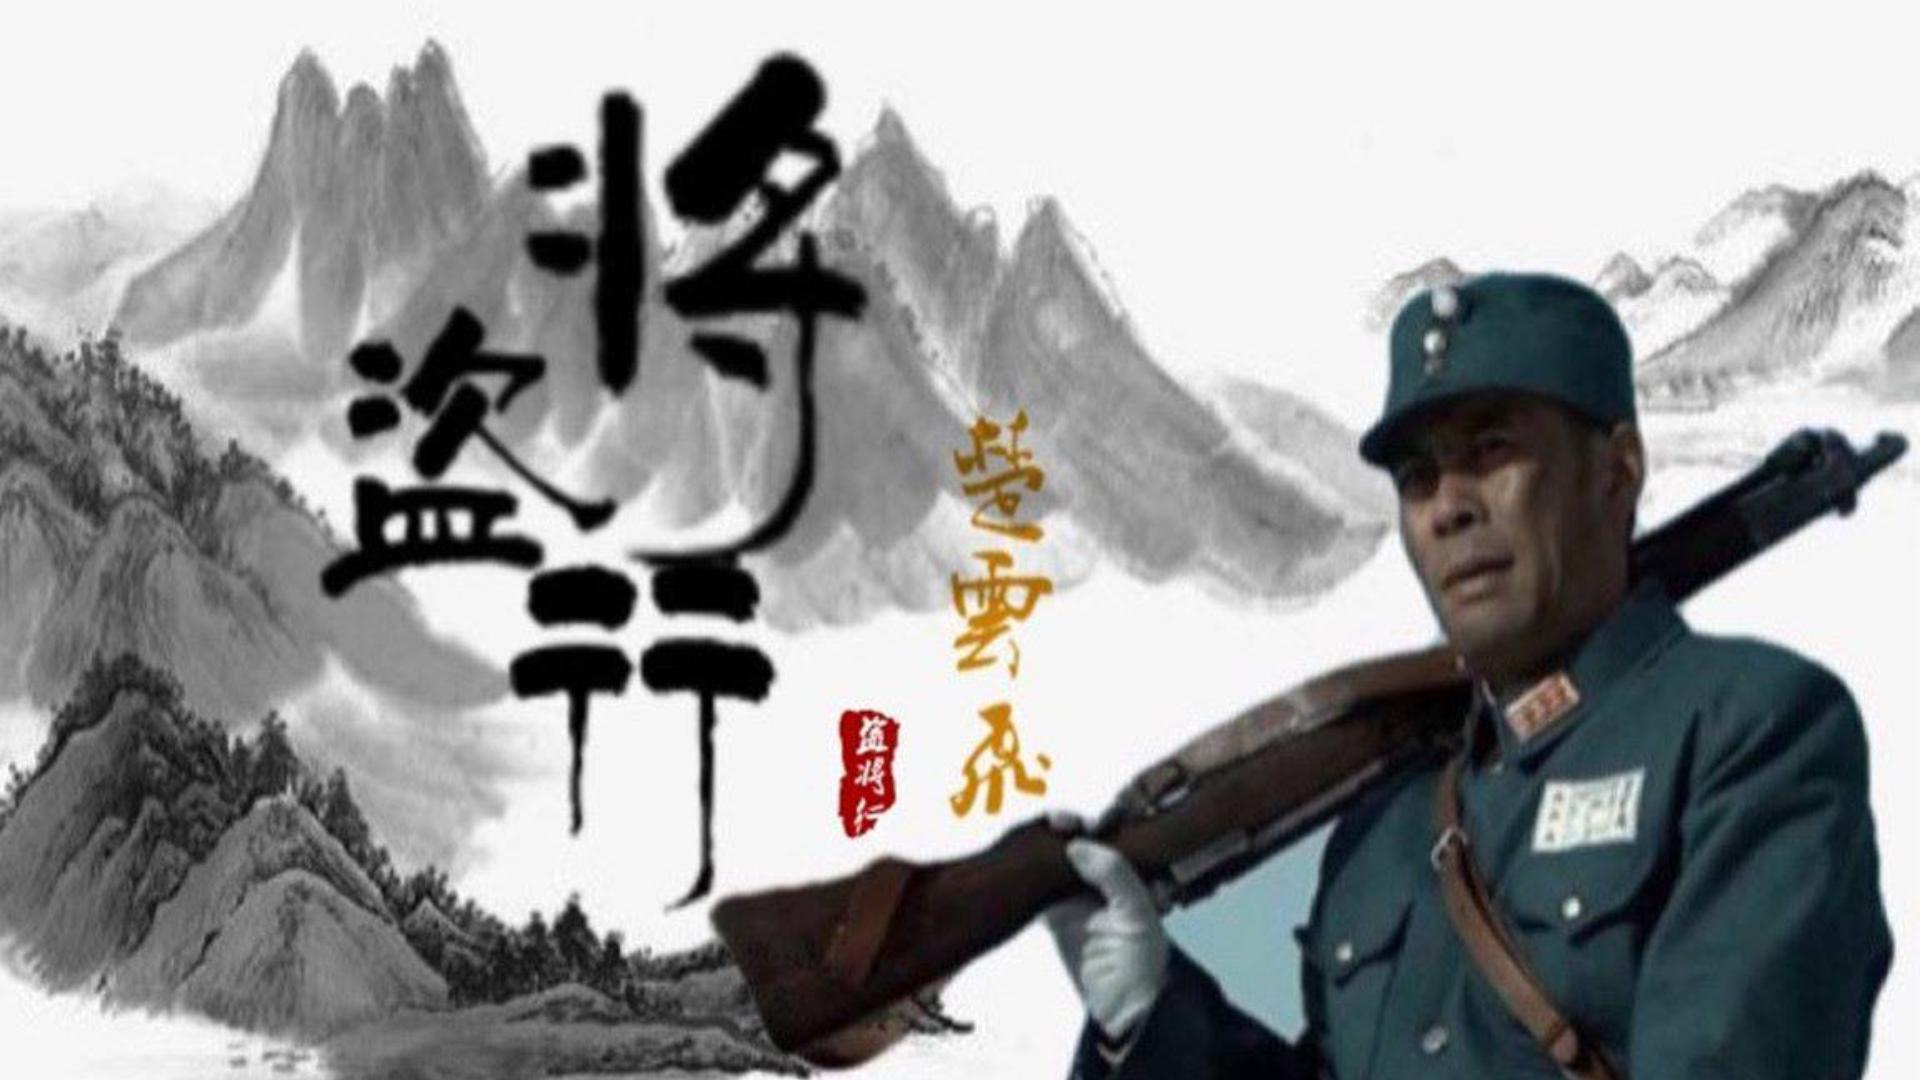 【楚云飞】盗将行(重制版)